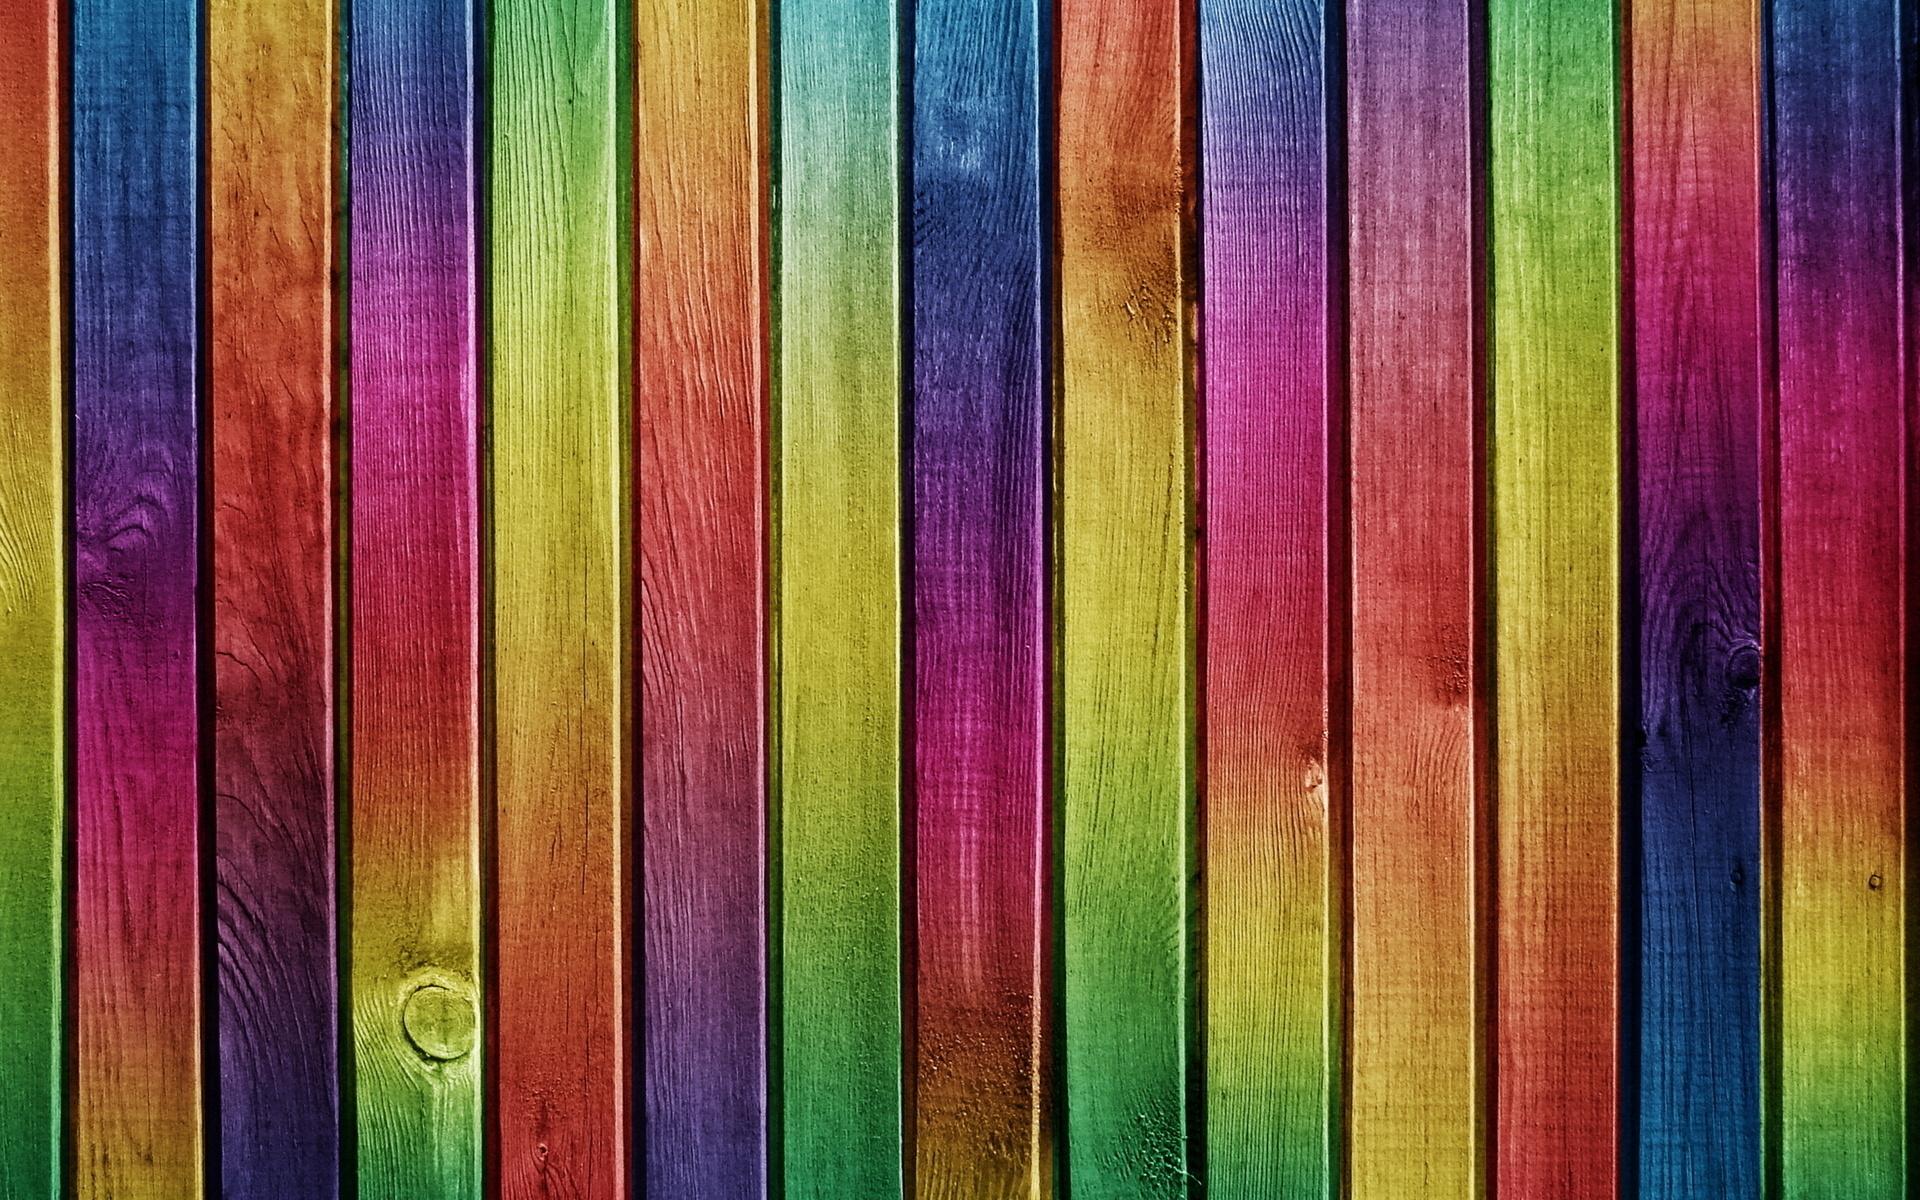 картинка разноцветных досок